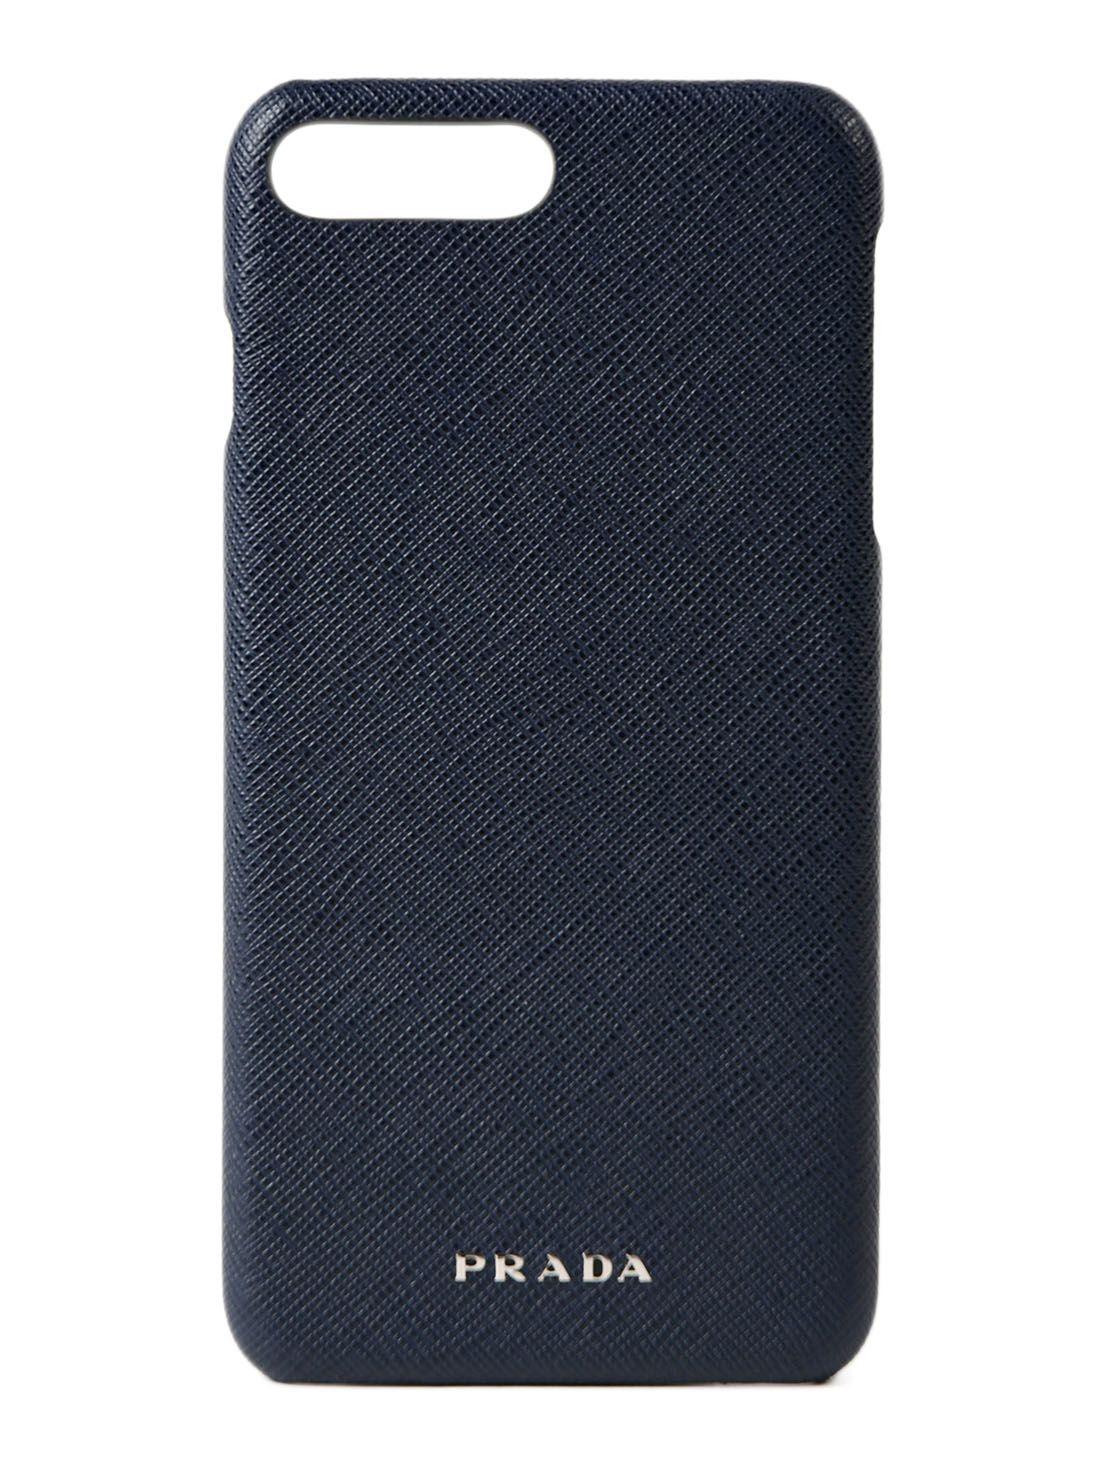 Prada Saffiano Travel I-phone Case